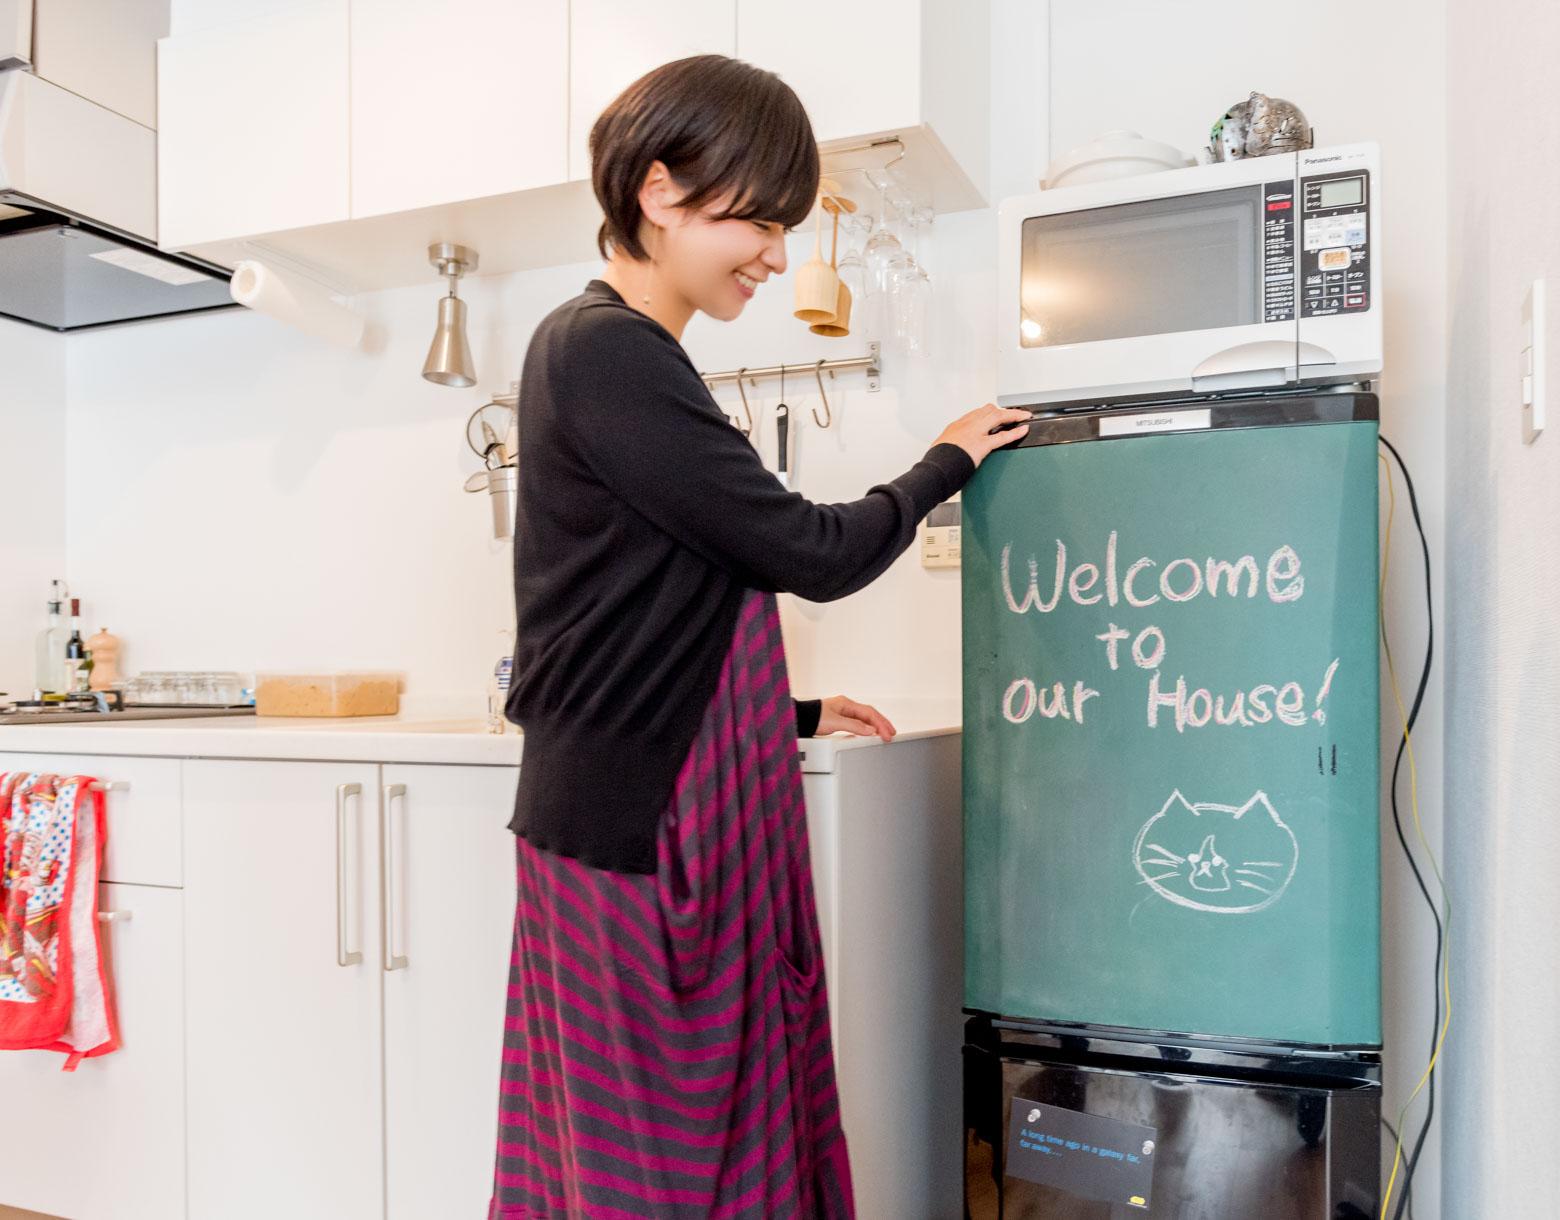 歓迎メッセージが書かれているのは冷蔵庫の扉。「黒板塗料を塗りました」とのこと。いいアイディア!